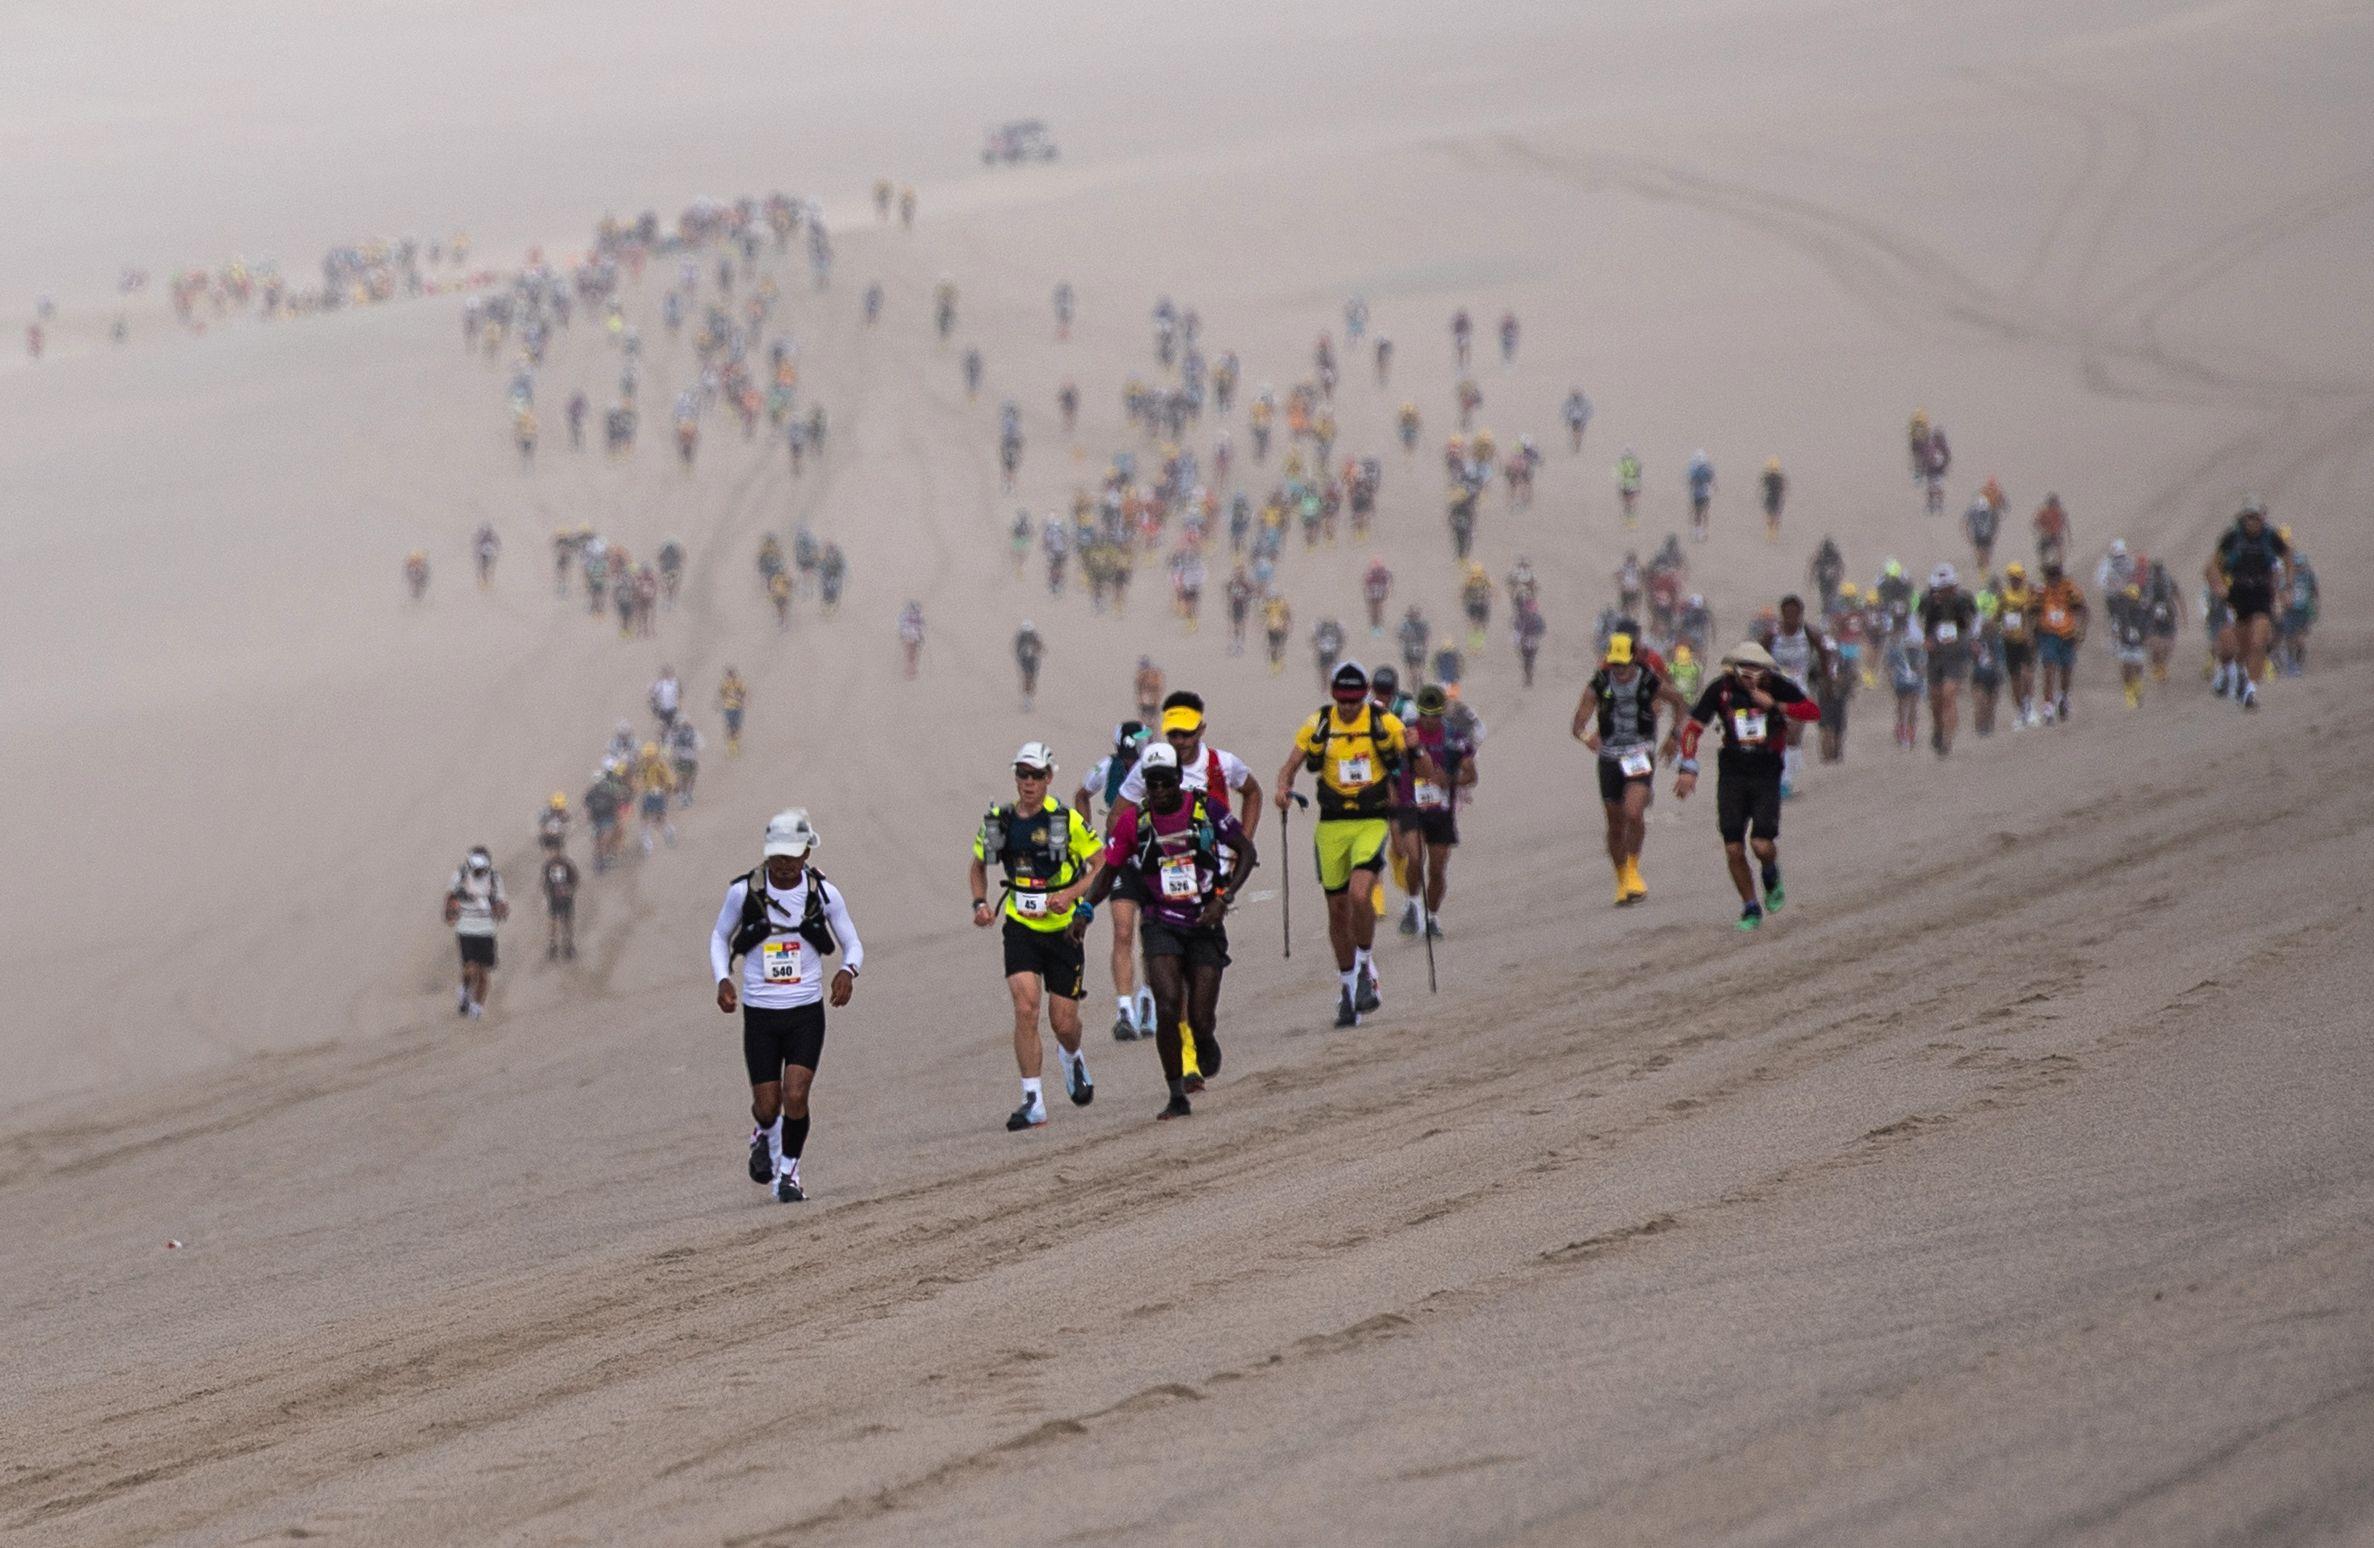 Marathon runners in the desert